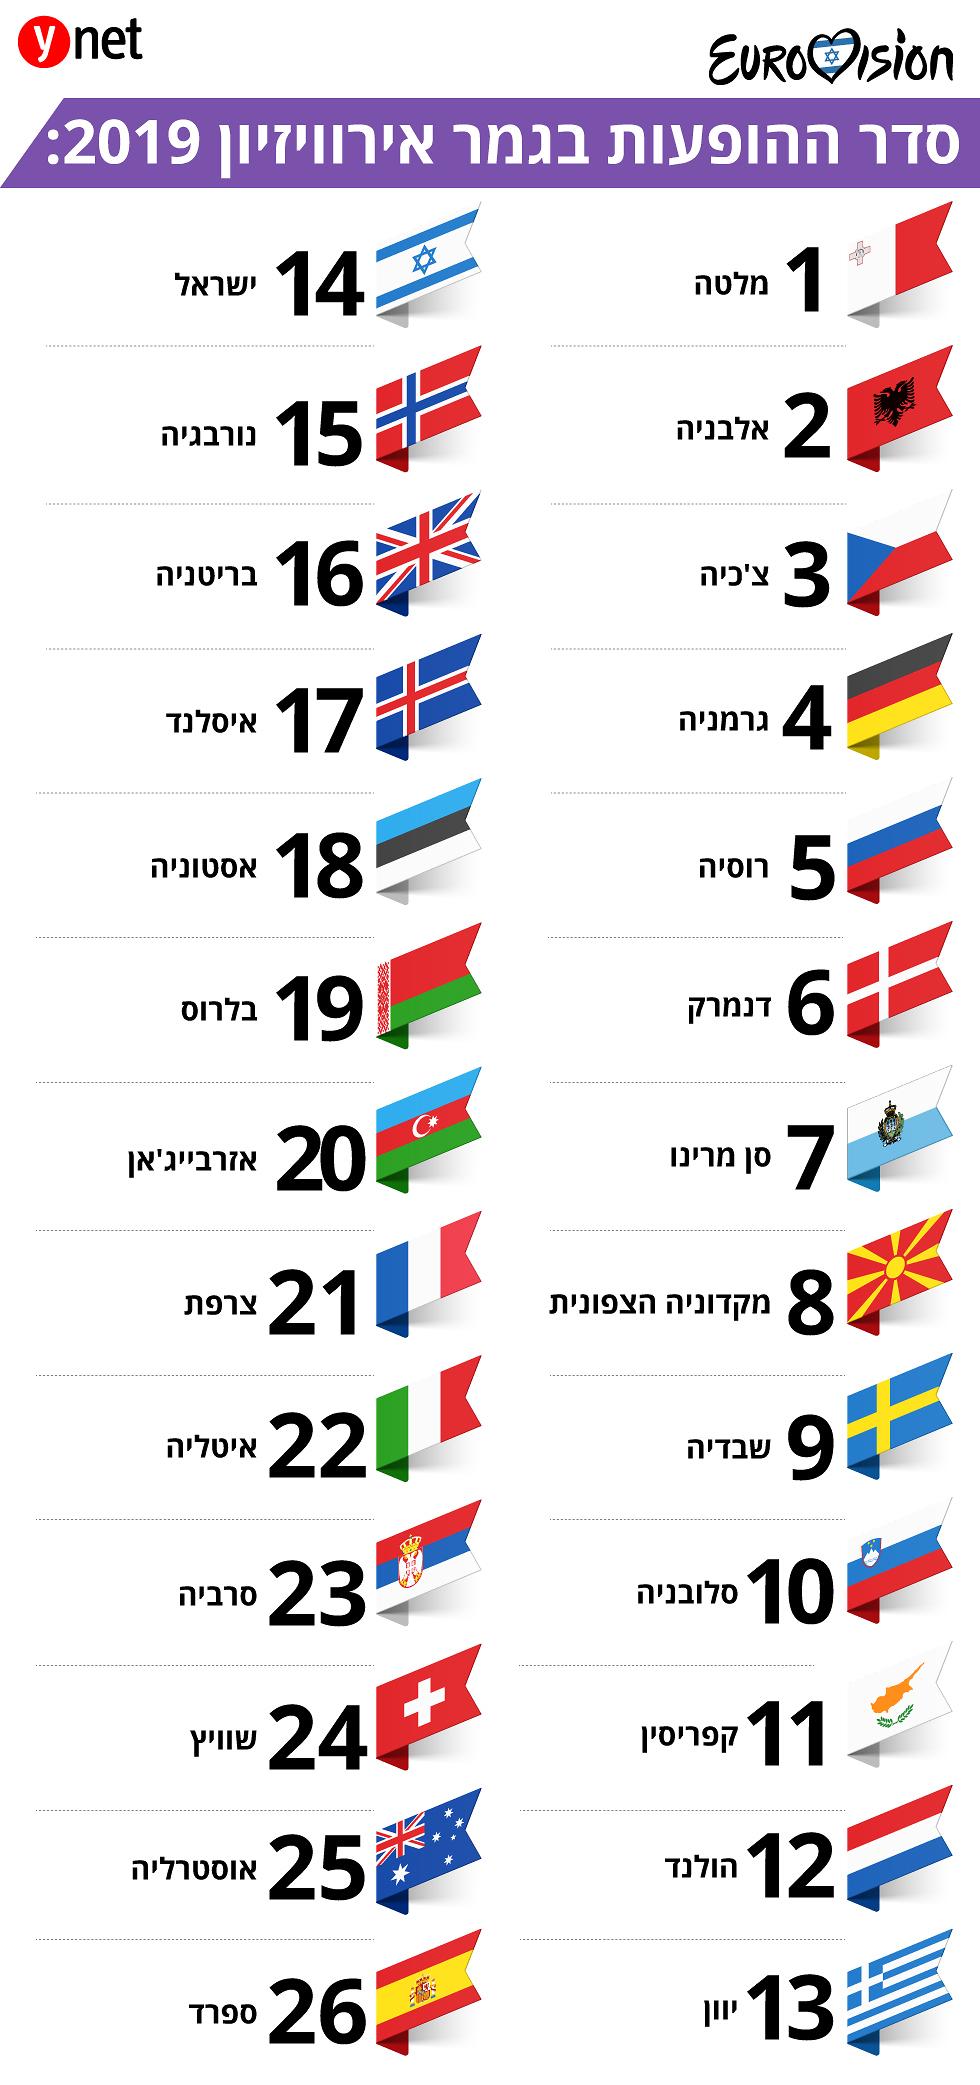 סדר המשתתפות בגמר אירוויזיון 2019 ()